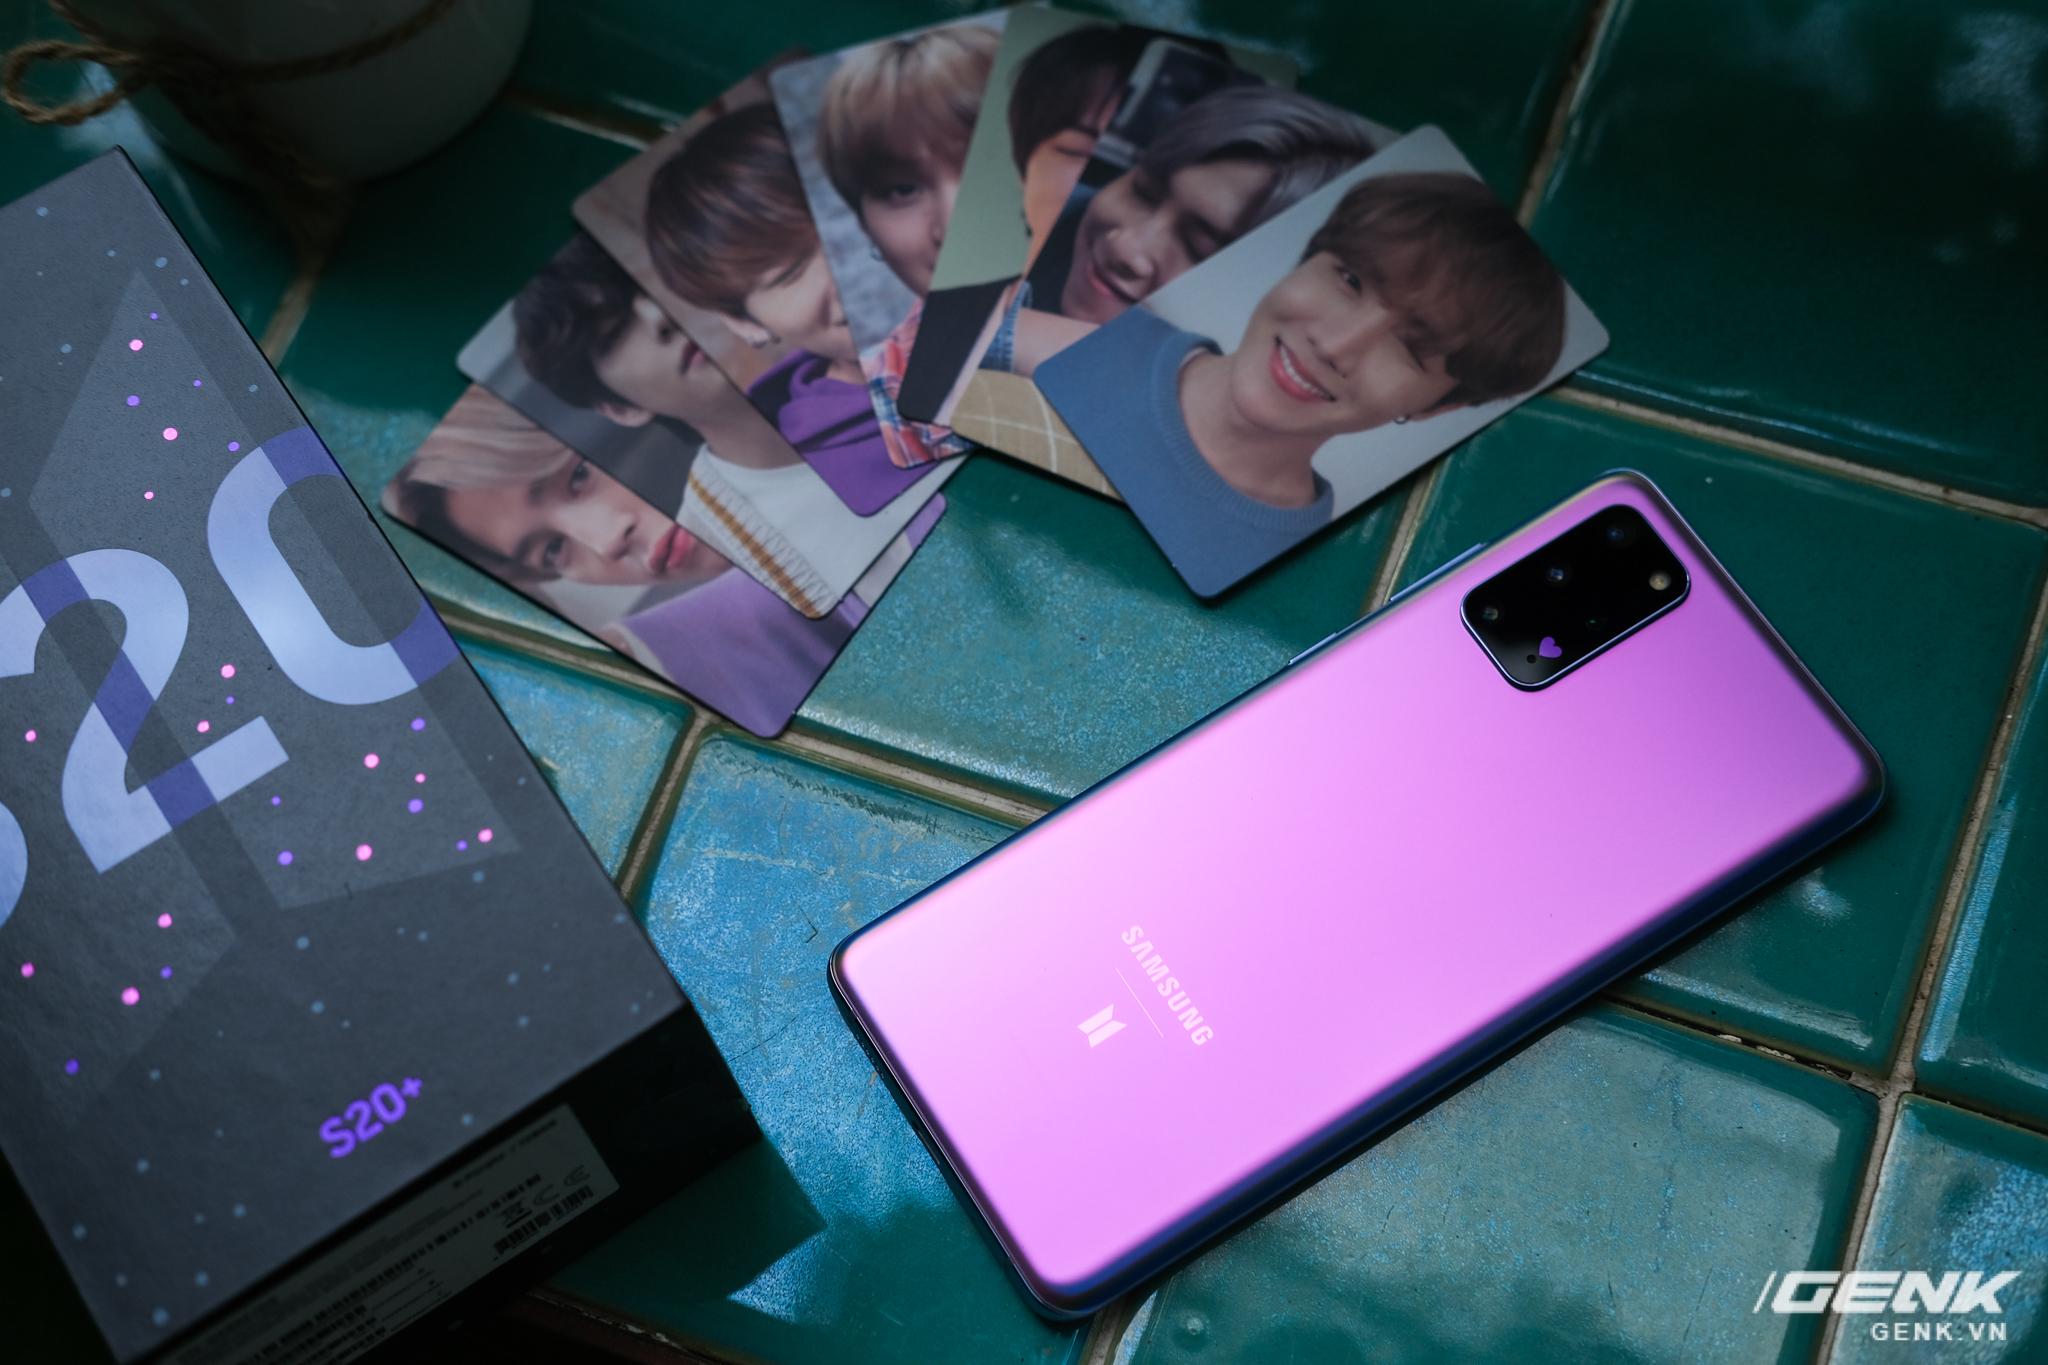 Mở hộp Galaxy S20+ phiên bản BTS: Màu tím hồng dễ thương, nhiều quà kèm theo dành riêng cho các fan A.R.M.Y - Ảnh 9.